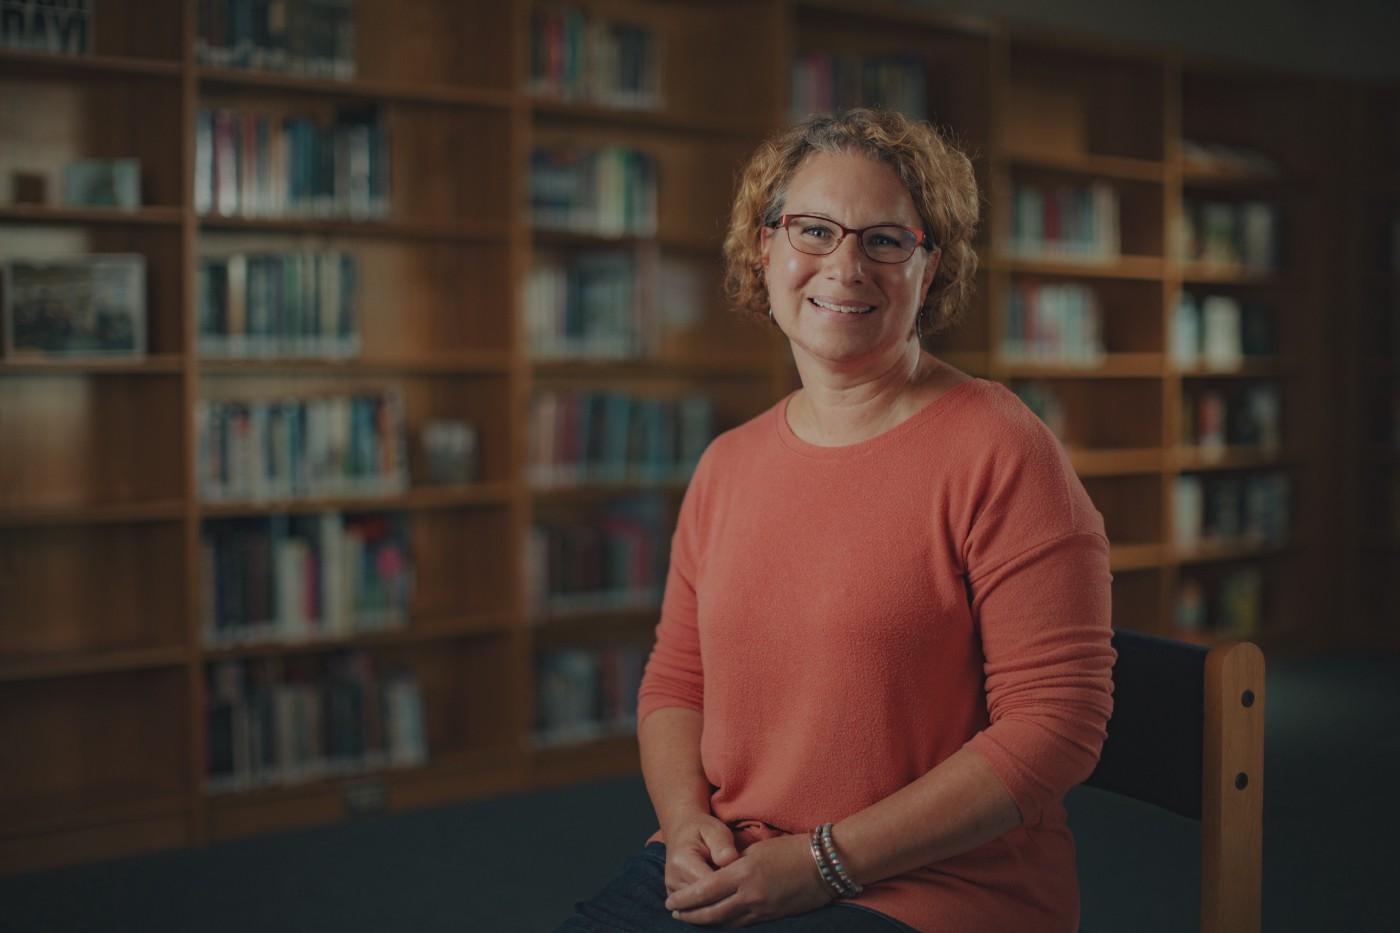 Blacksburg Middle School Librarian Kelly Passek